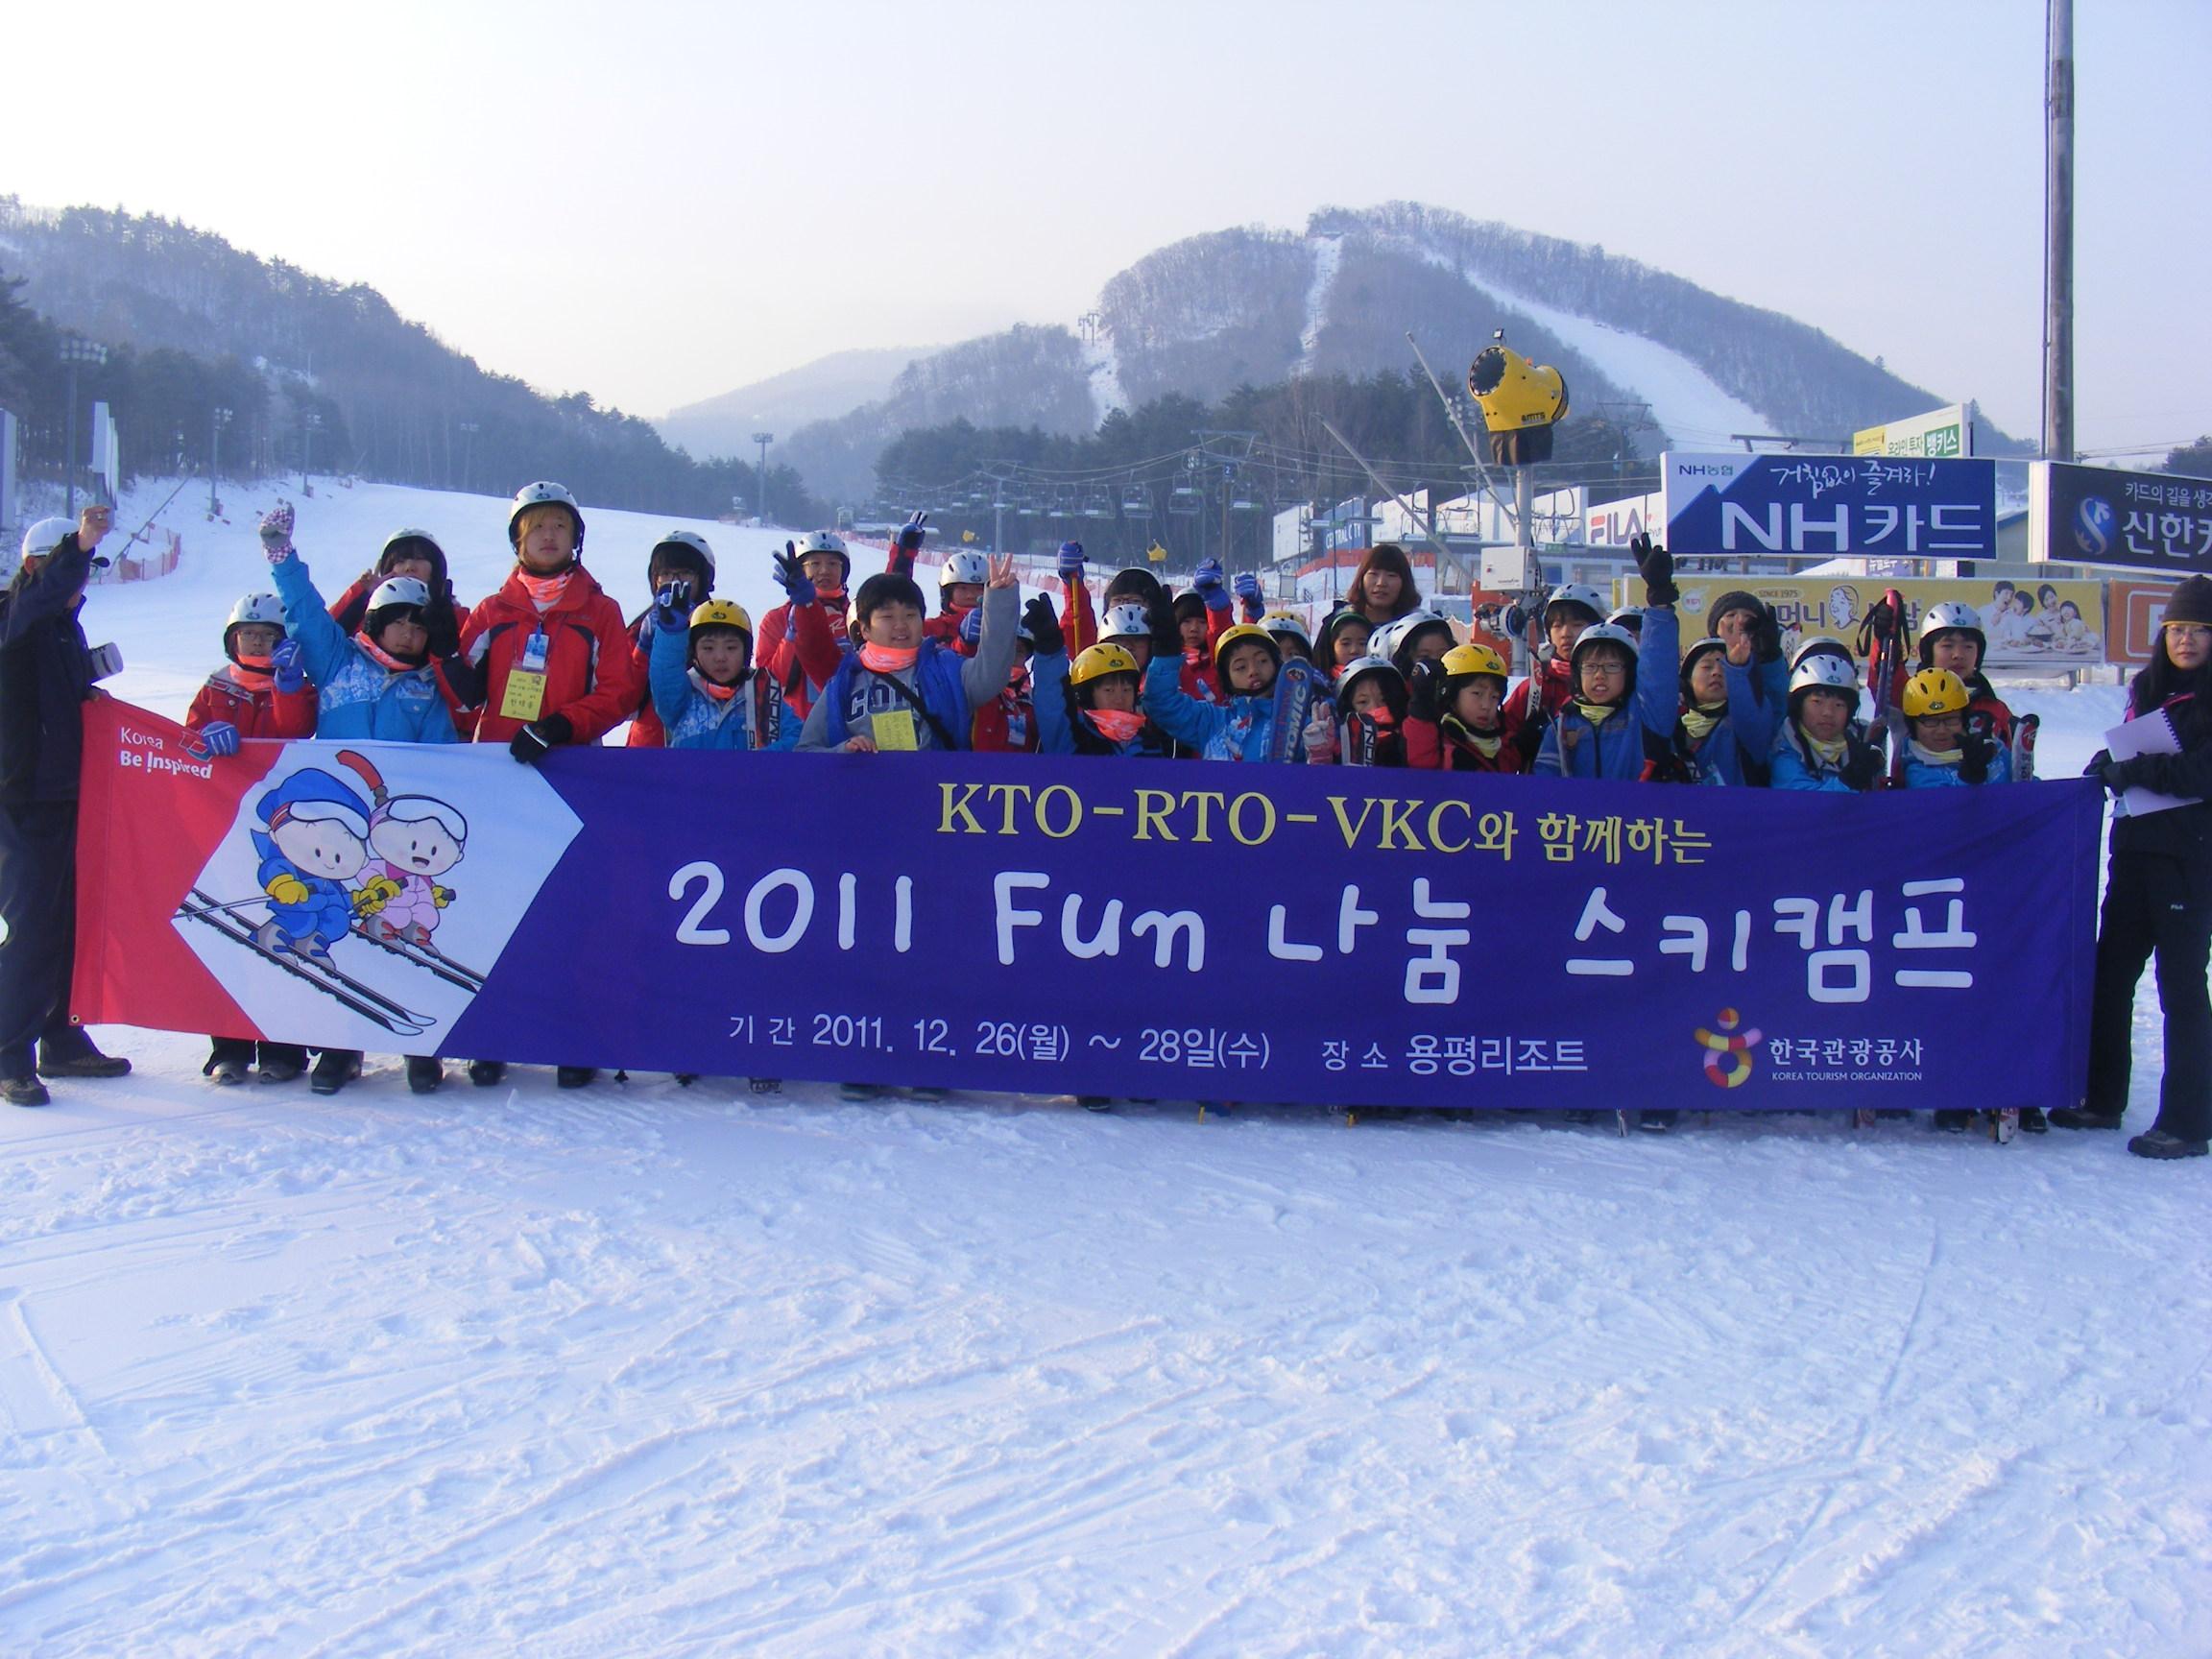 스키장에서의 단체 사진